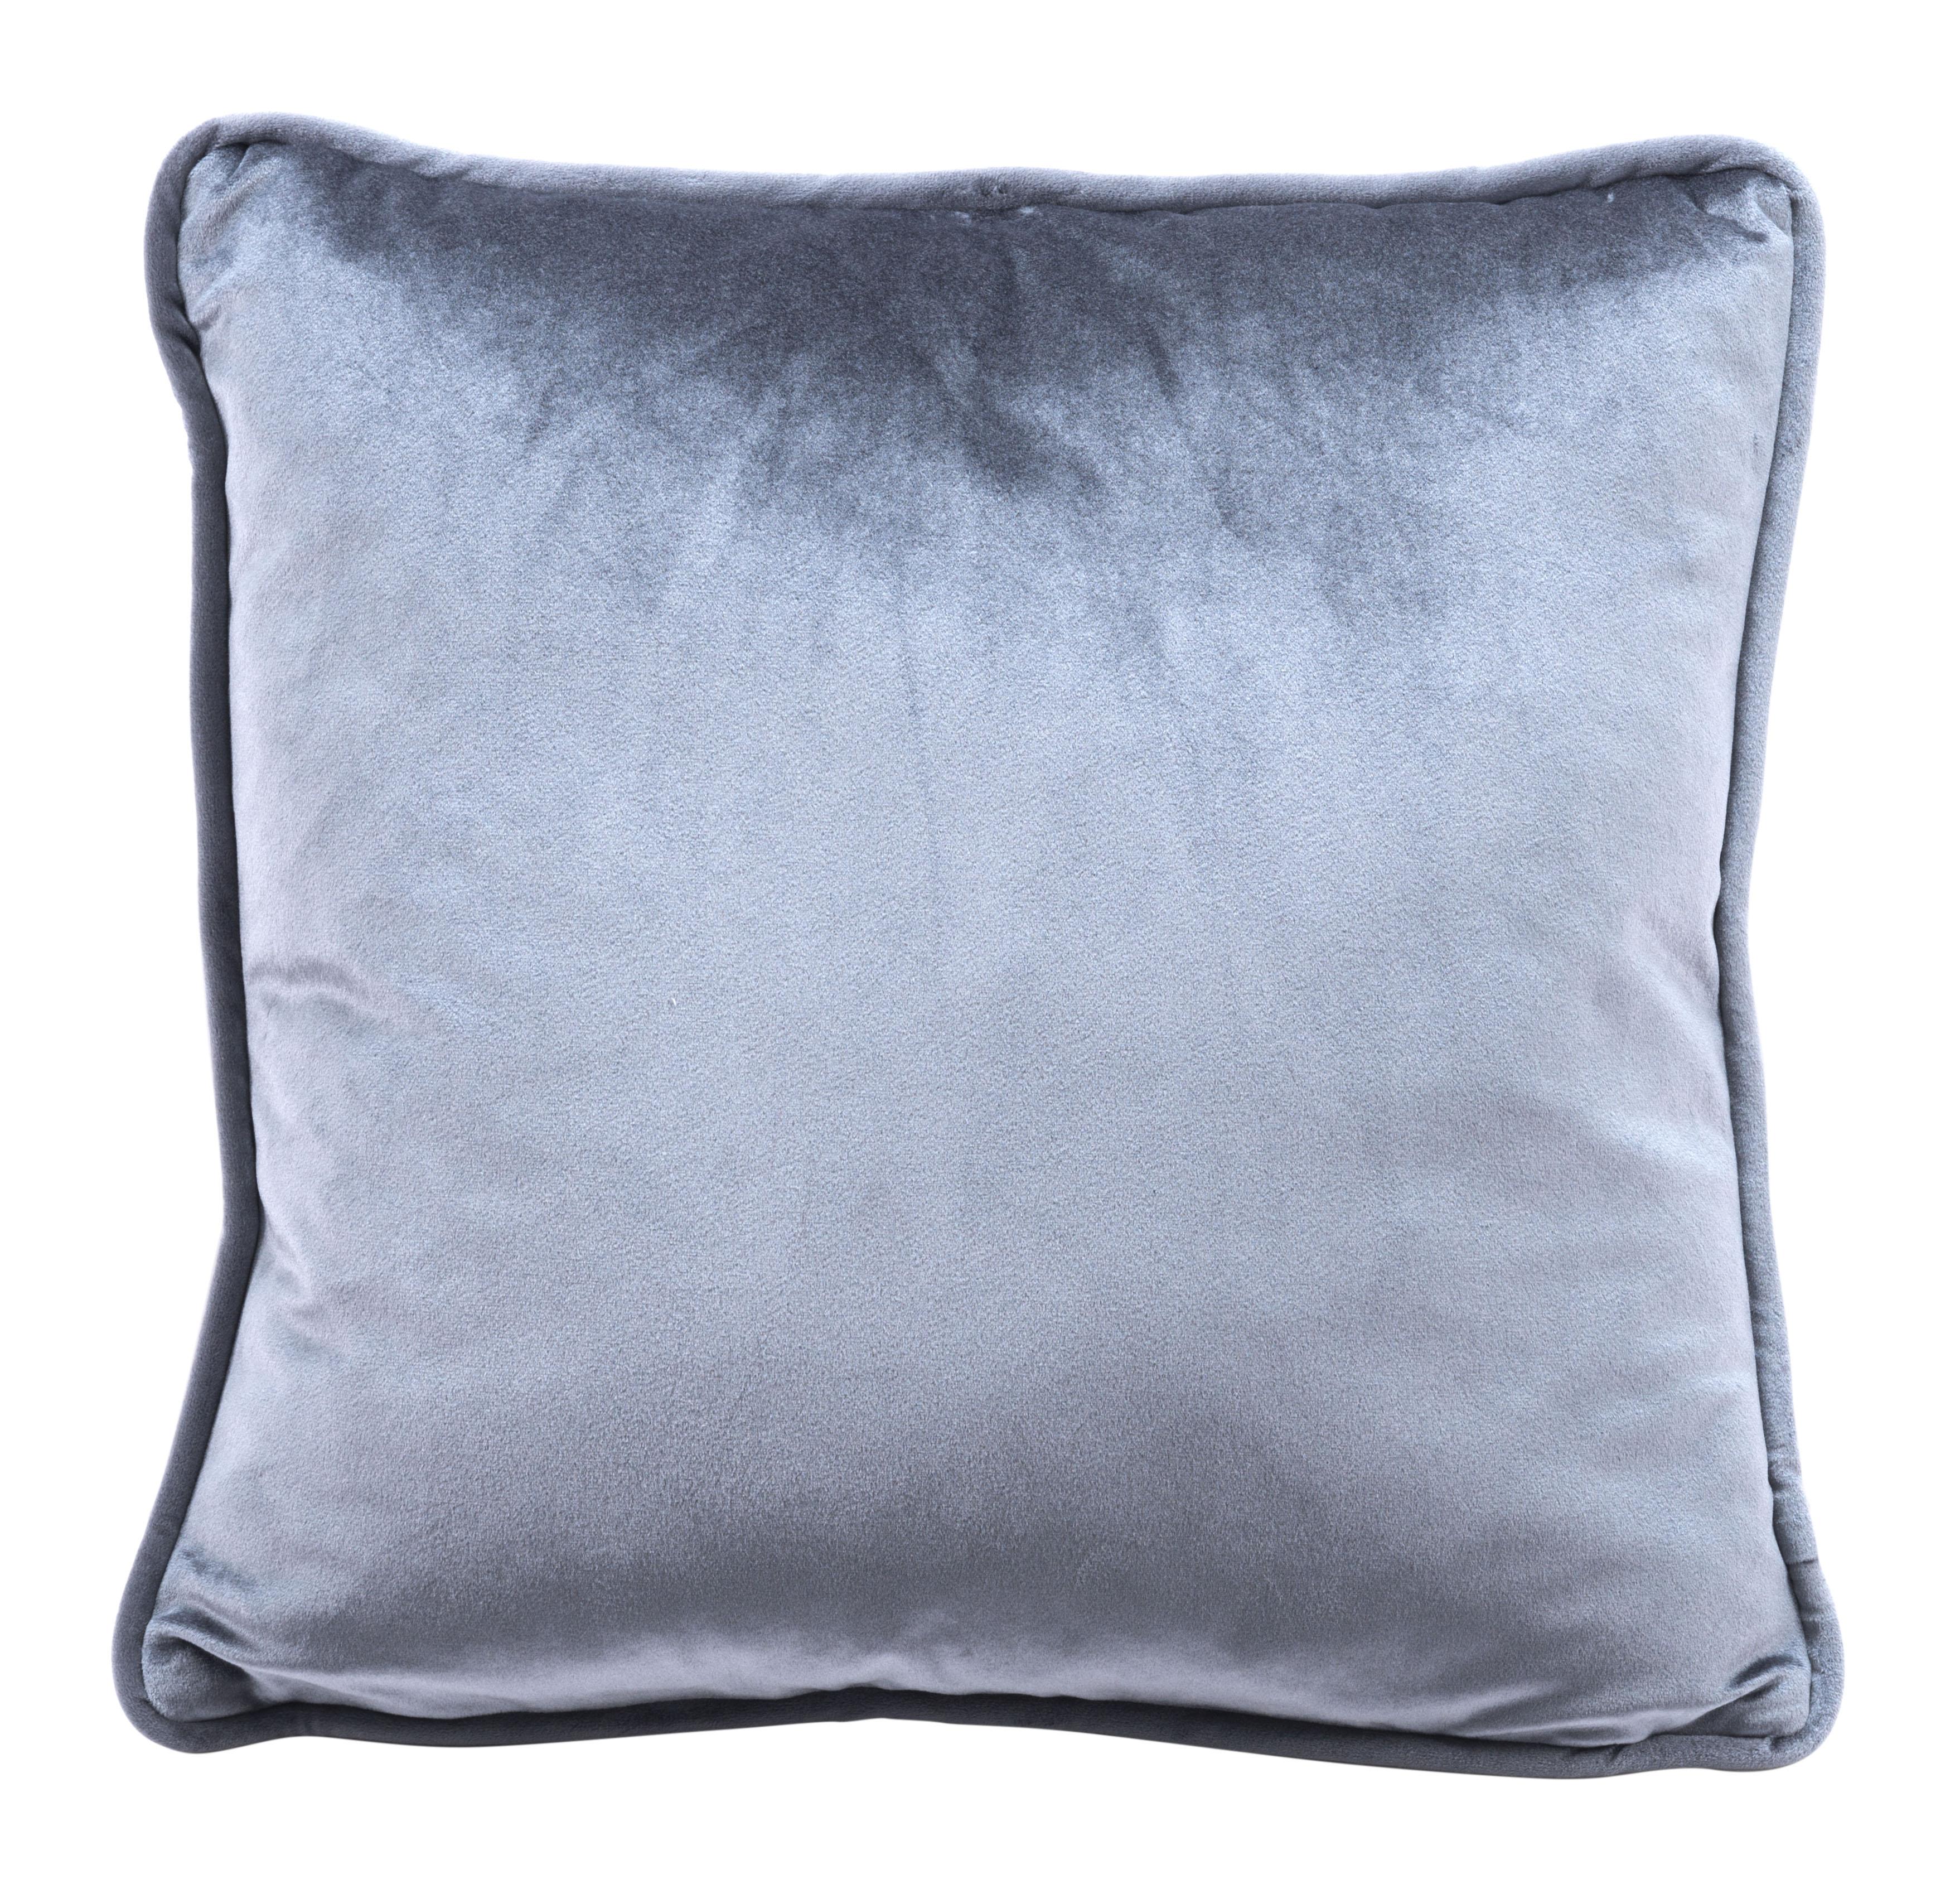 Zuo velvet pillow